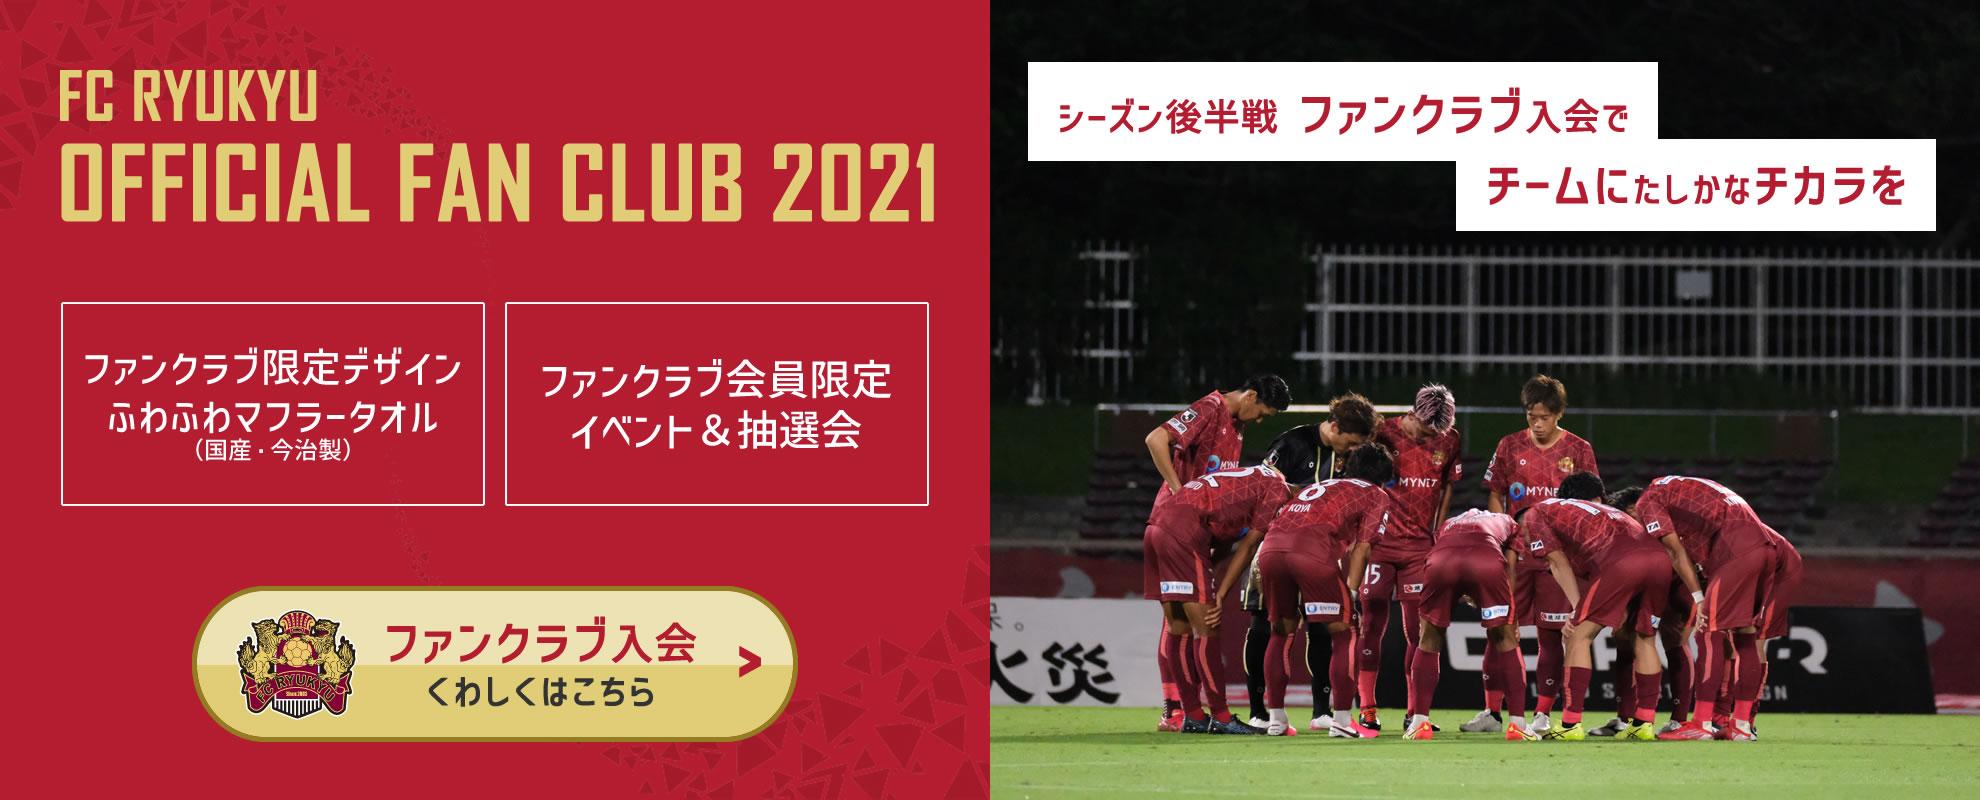 ファンクラブ2021